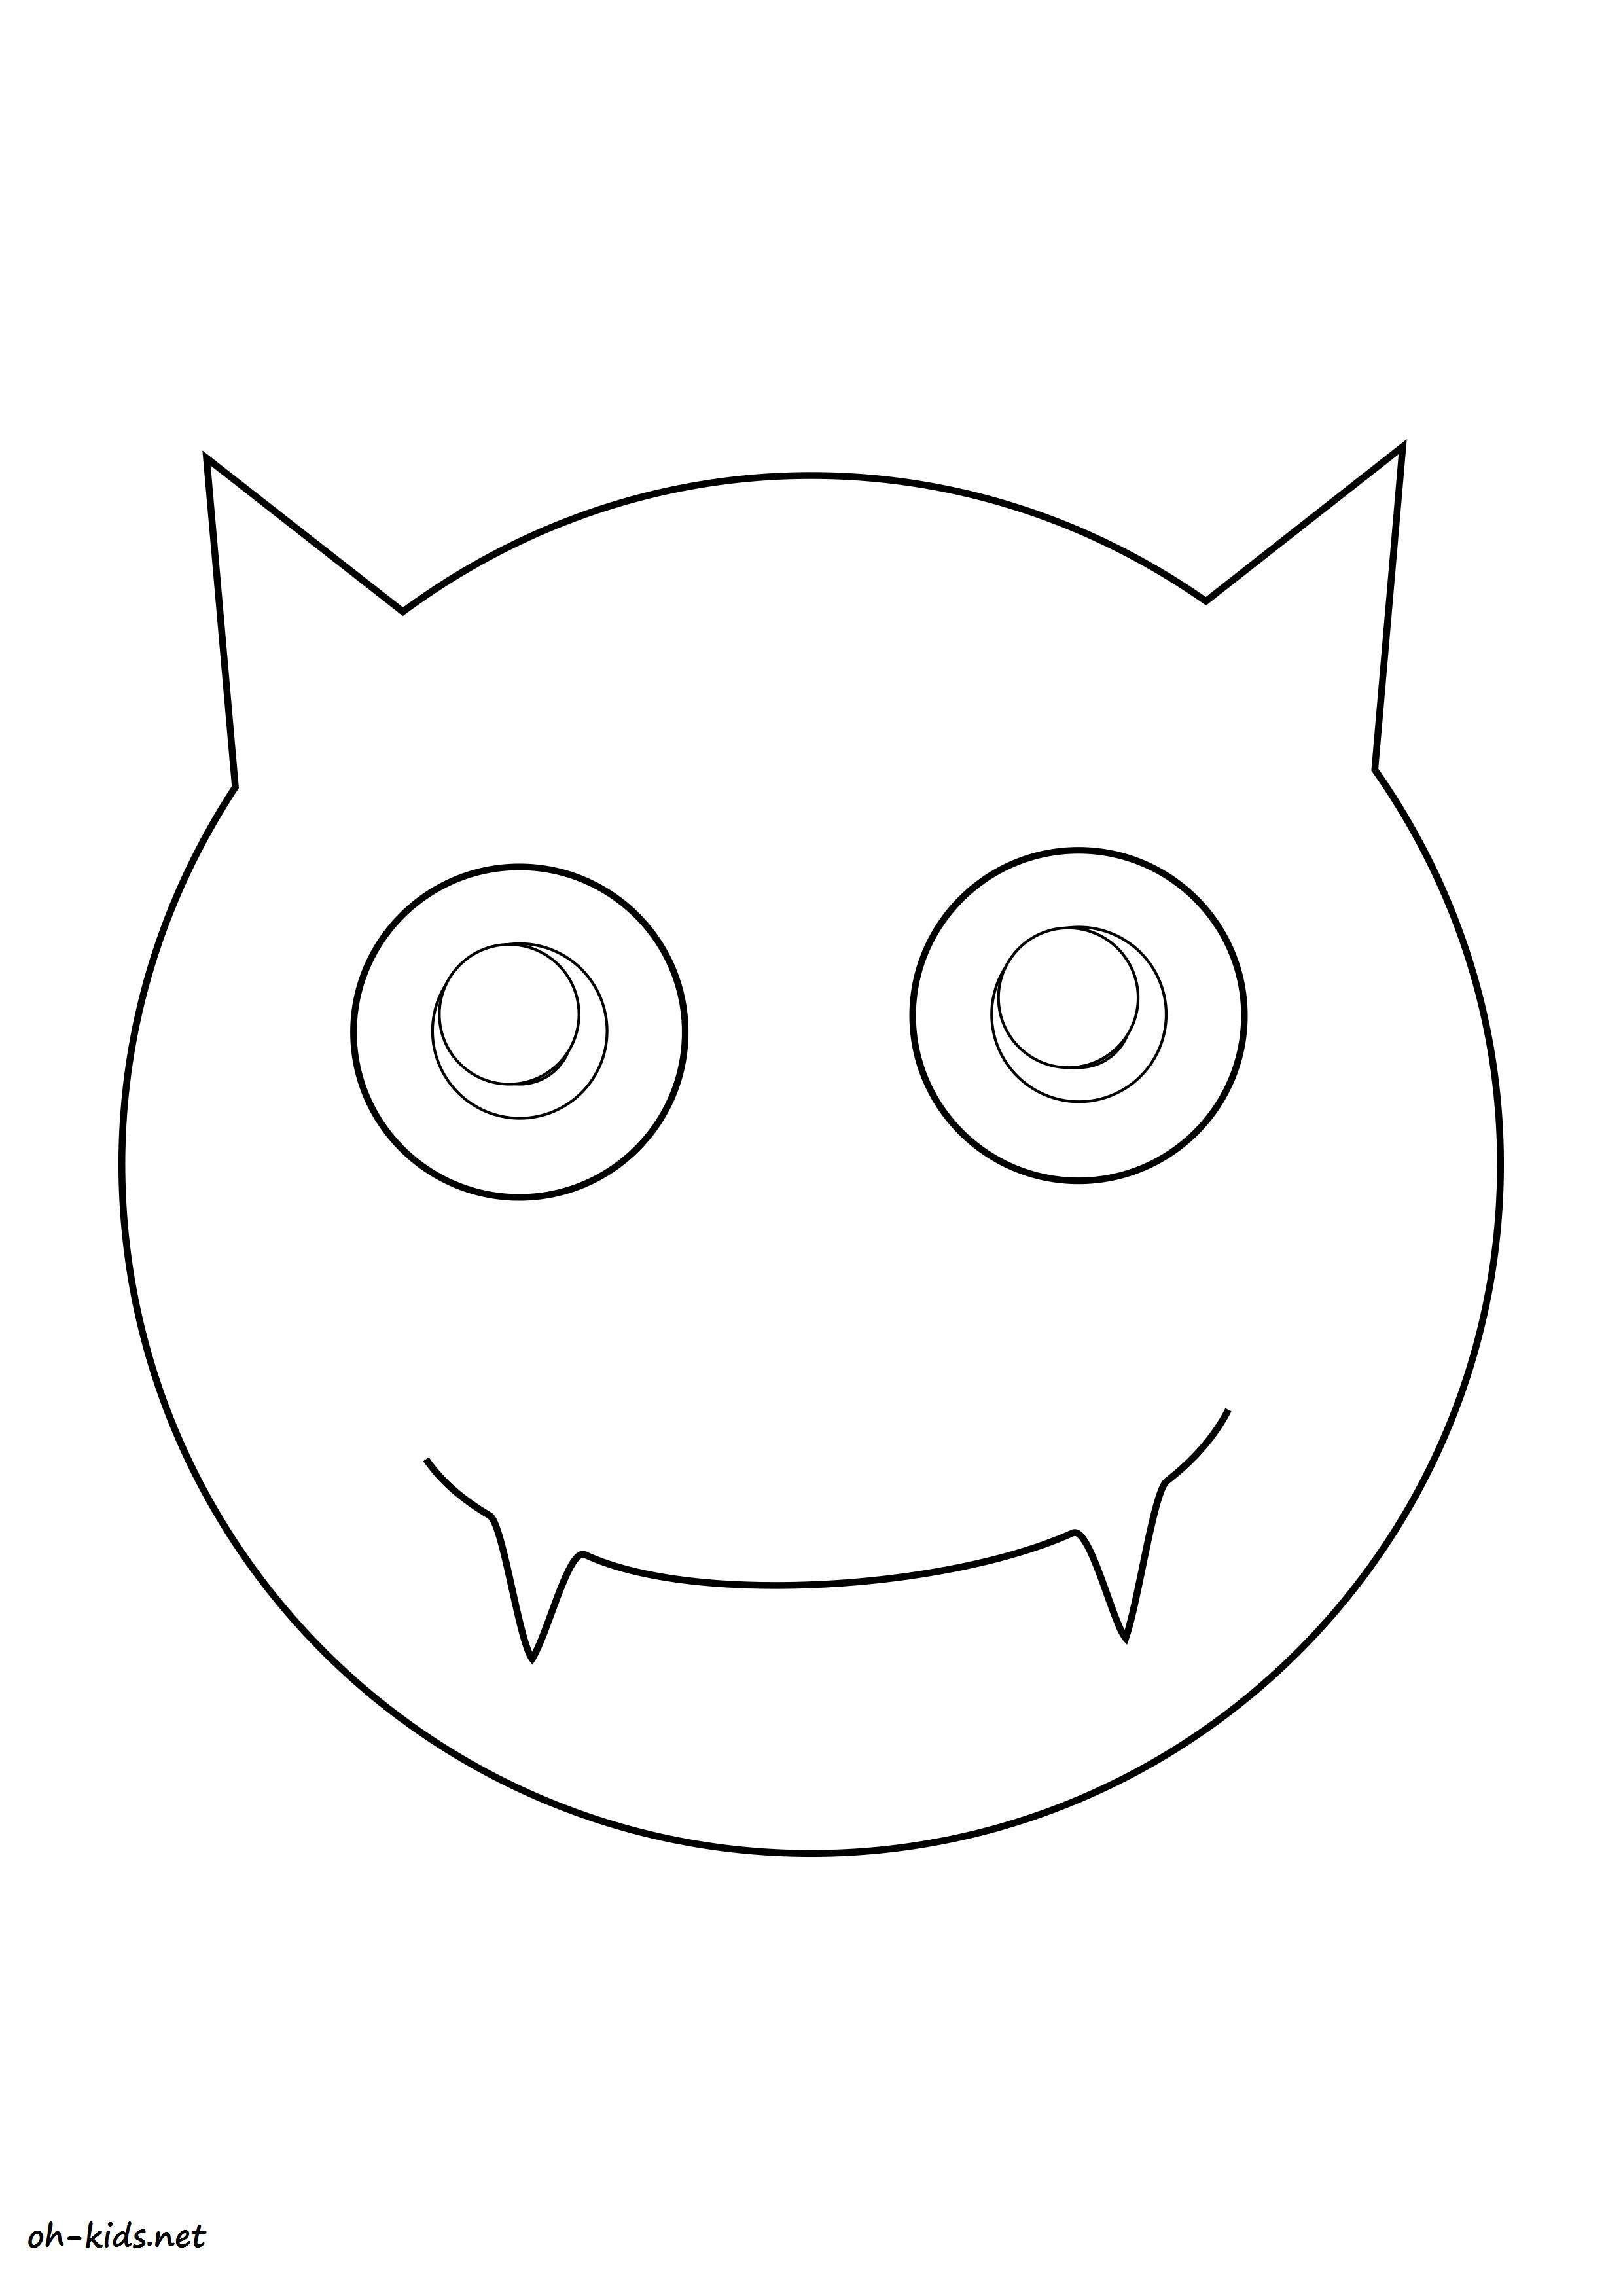 coloriage de smiley  imprimer Dessin 768